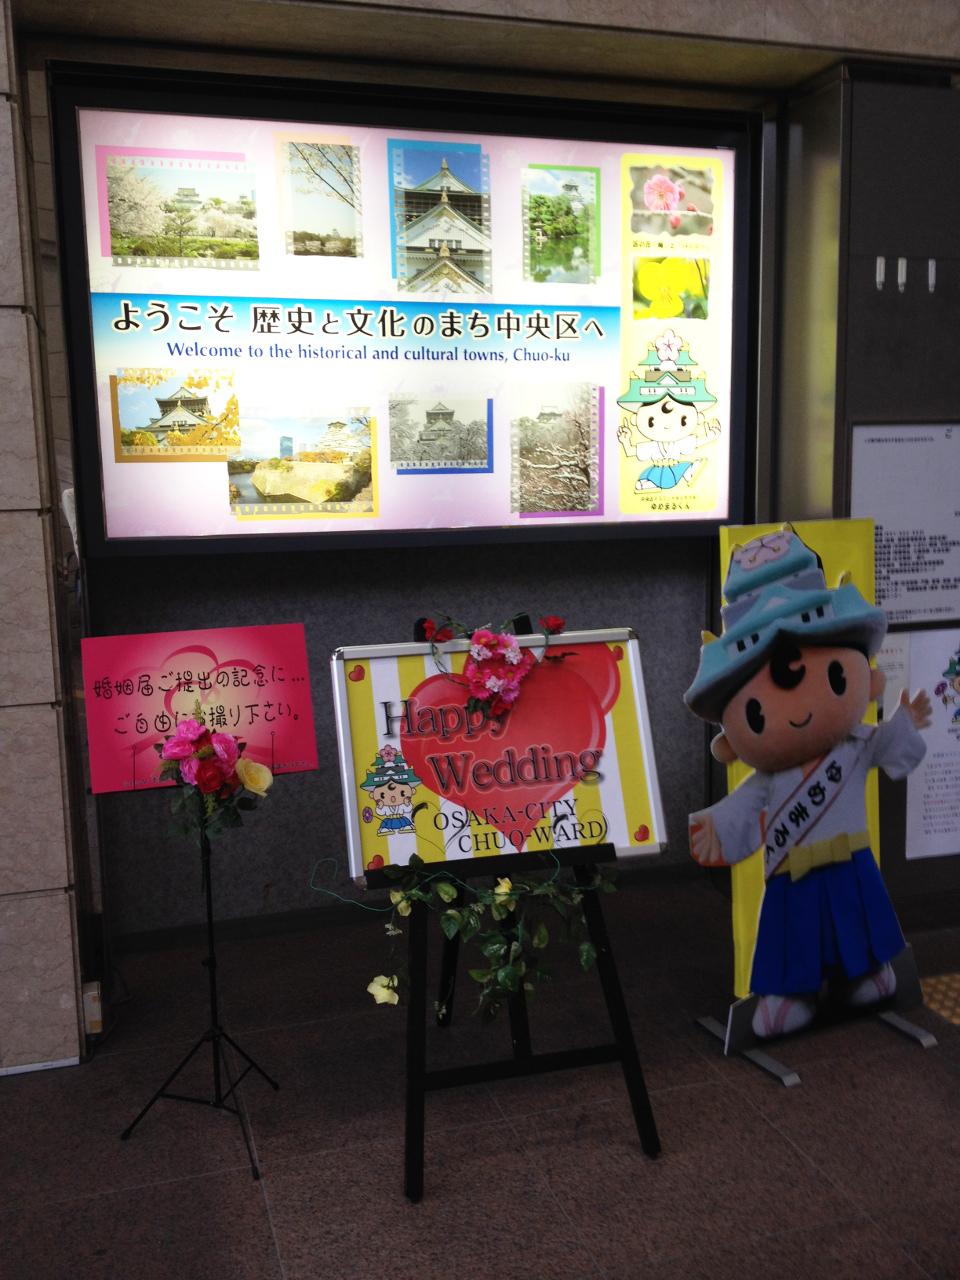 小ネタ:大阪市中央区役所で見つけたちょっと素敵なこと